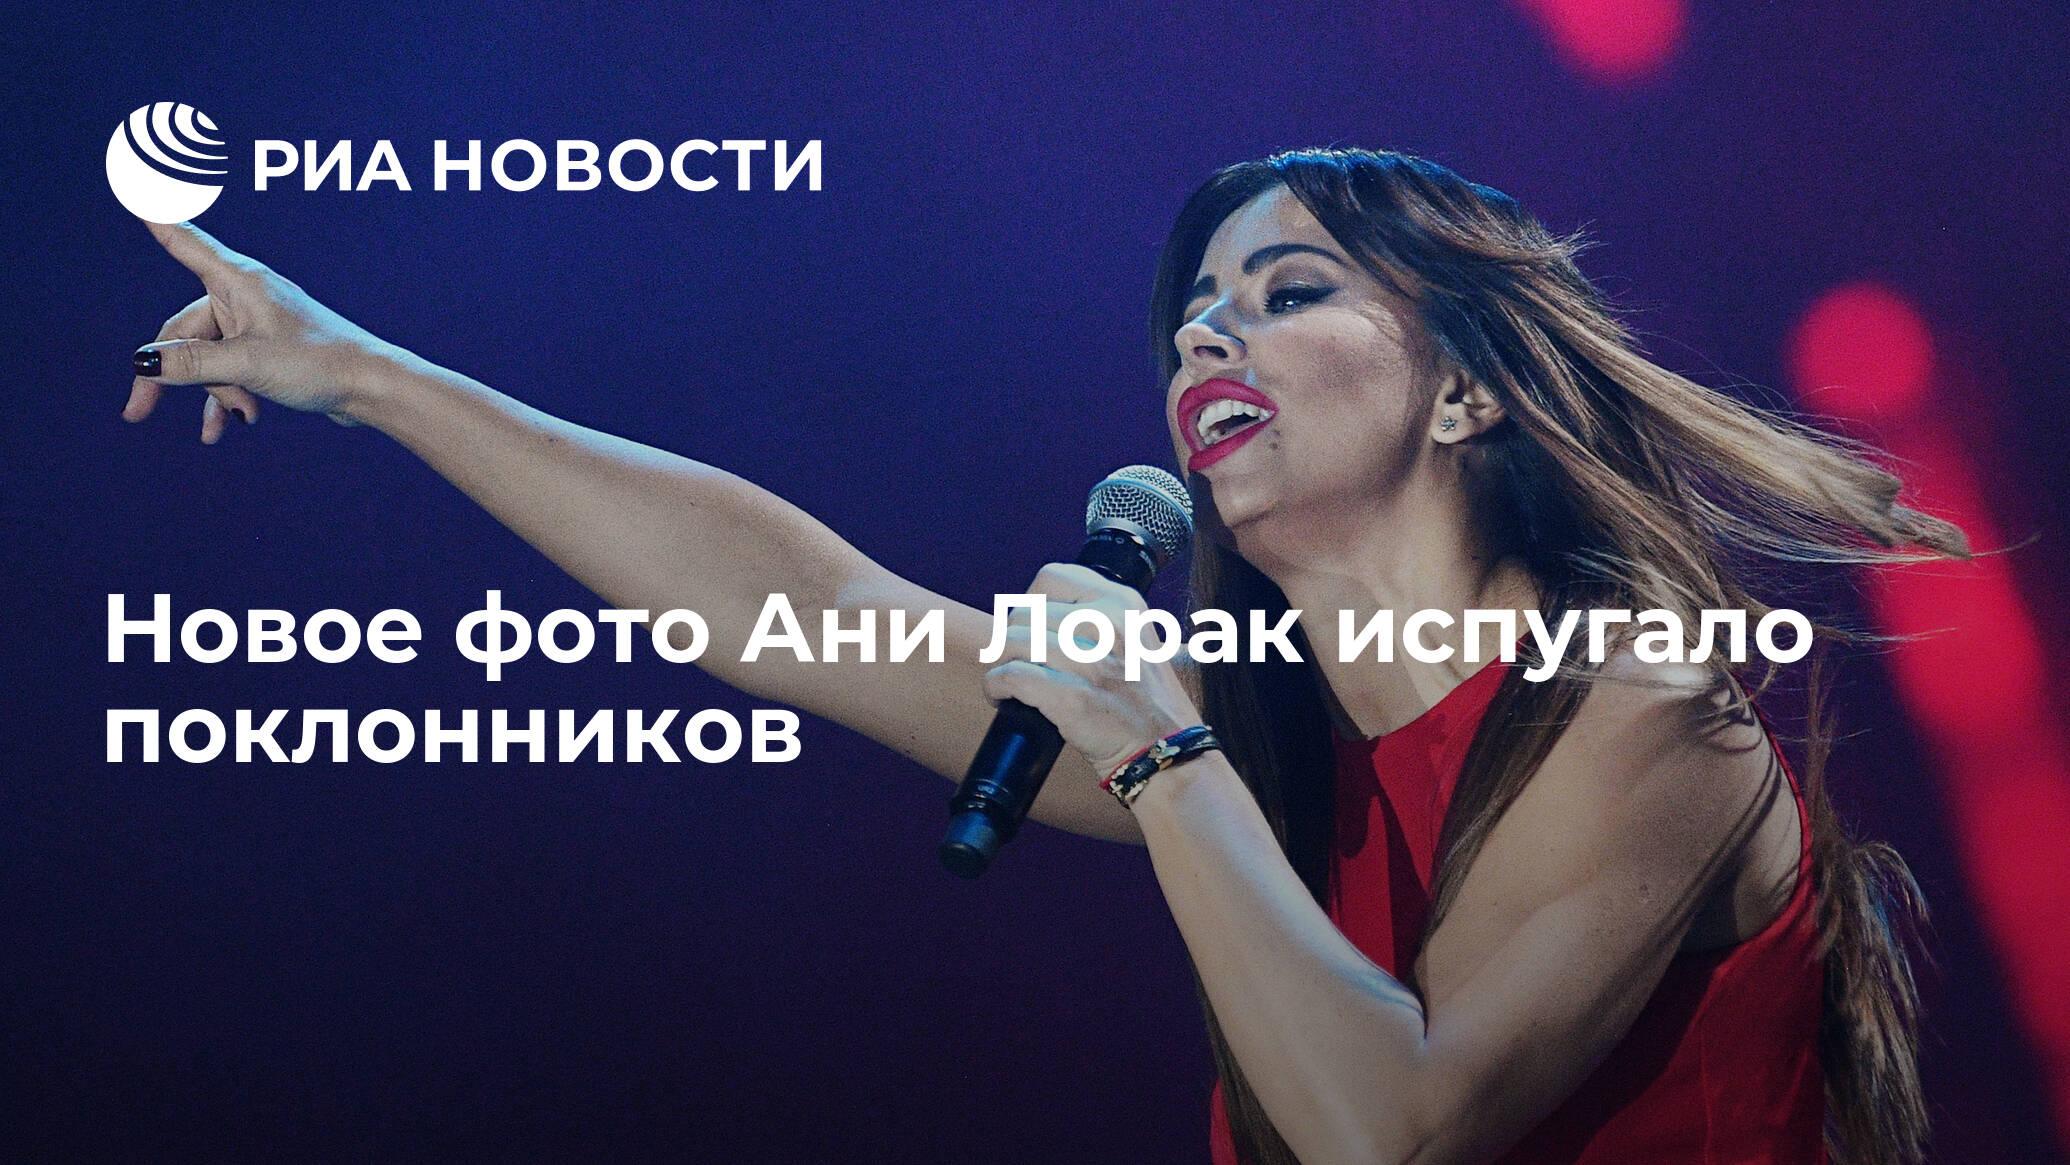 Новое фото Ани Лорак испугало поклонников - РИА Новости ...